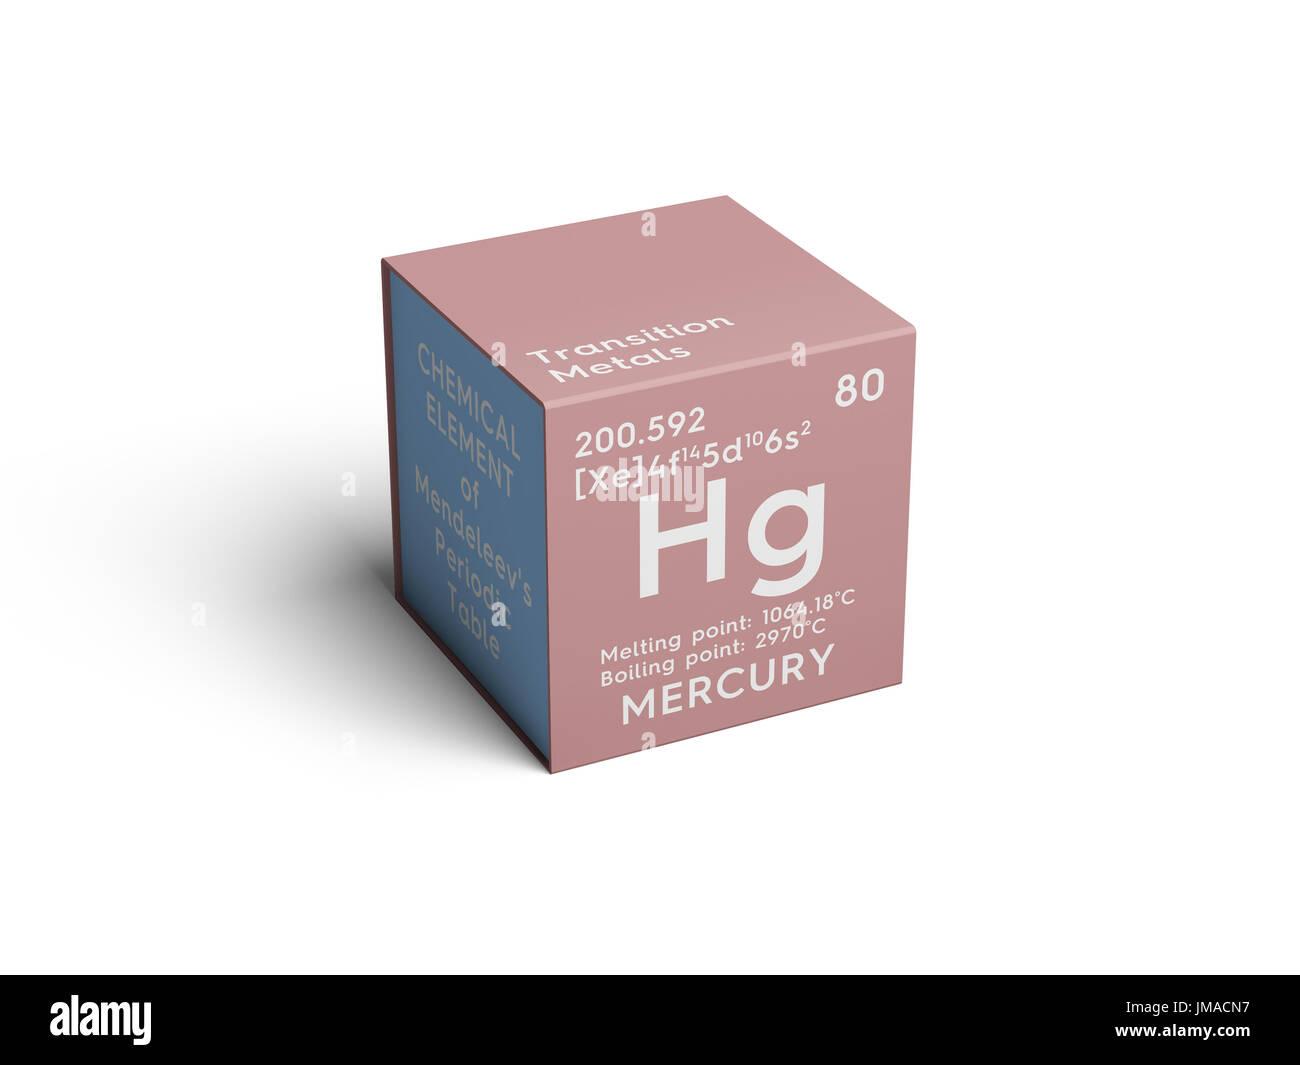 El mercurio los metales de transicin elemento qumico de la tabla el mercurio los metales de transicin elemento qumico de la tabla peridica de mendeleyev mercurio en square cube concepto creativo urtaz Image collections